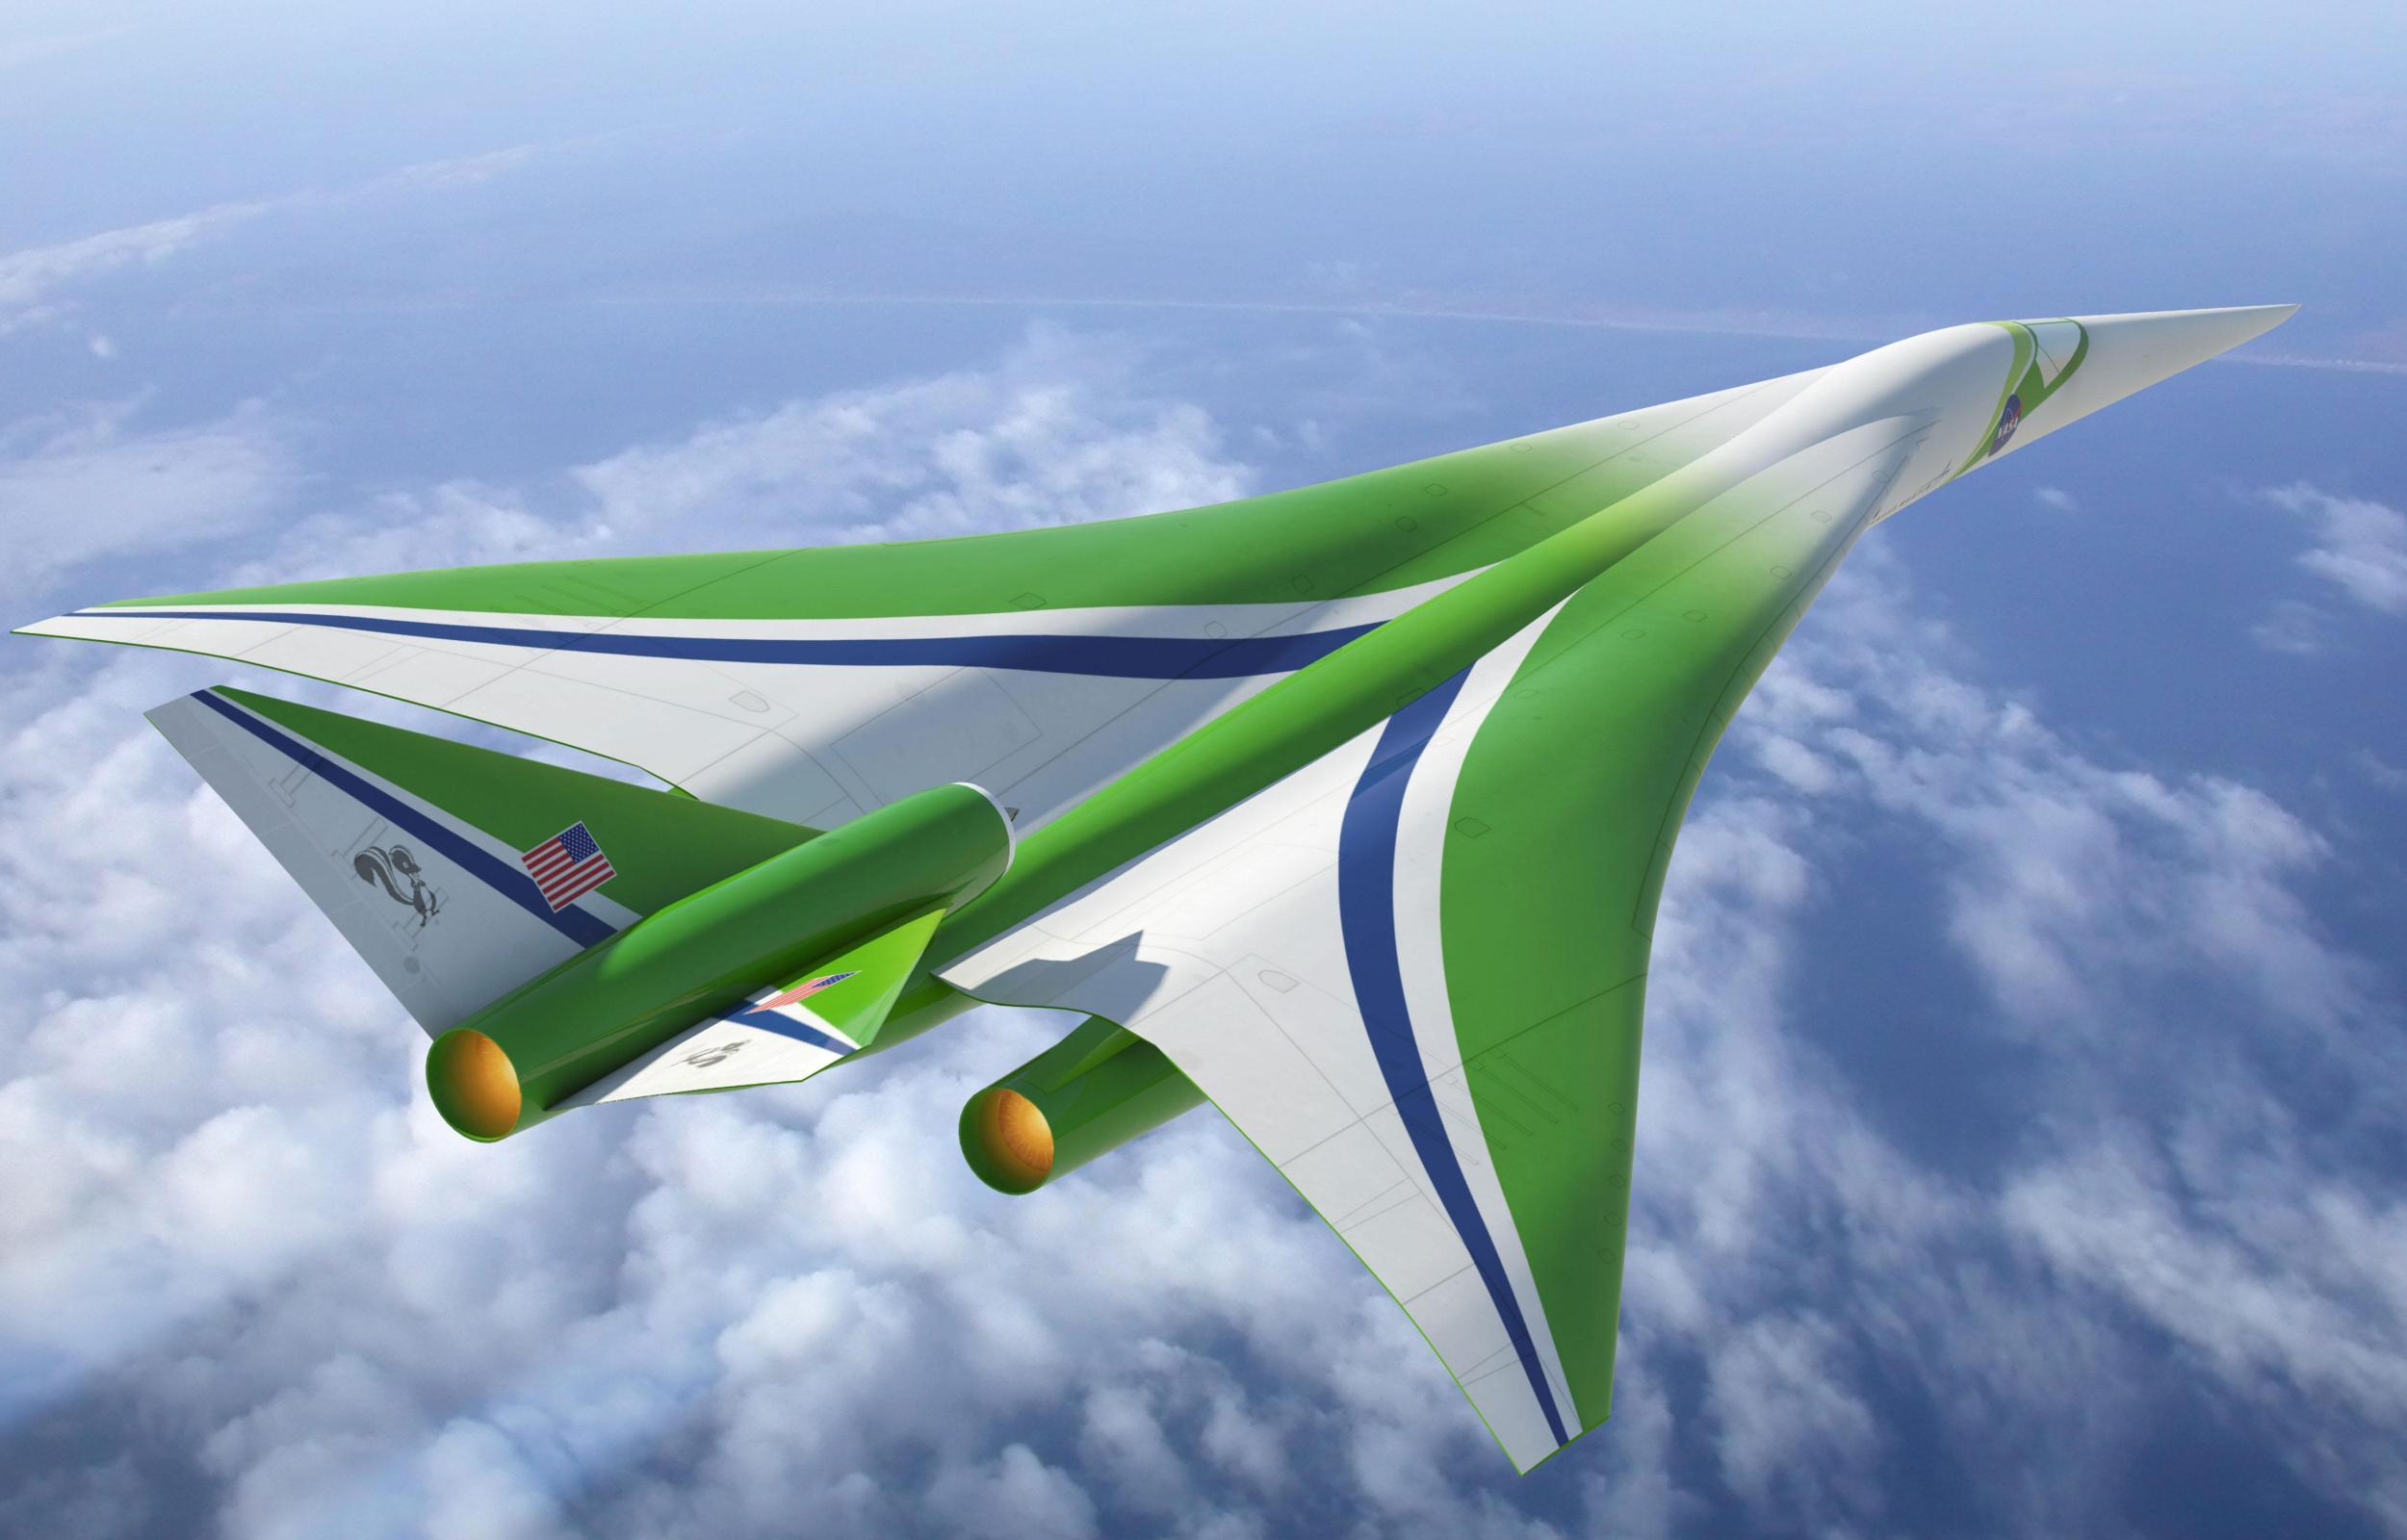 nasa future aircraft wallpapers